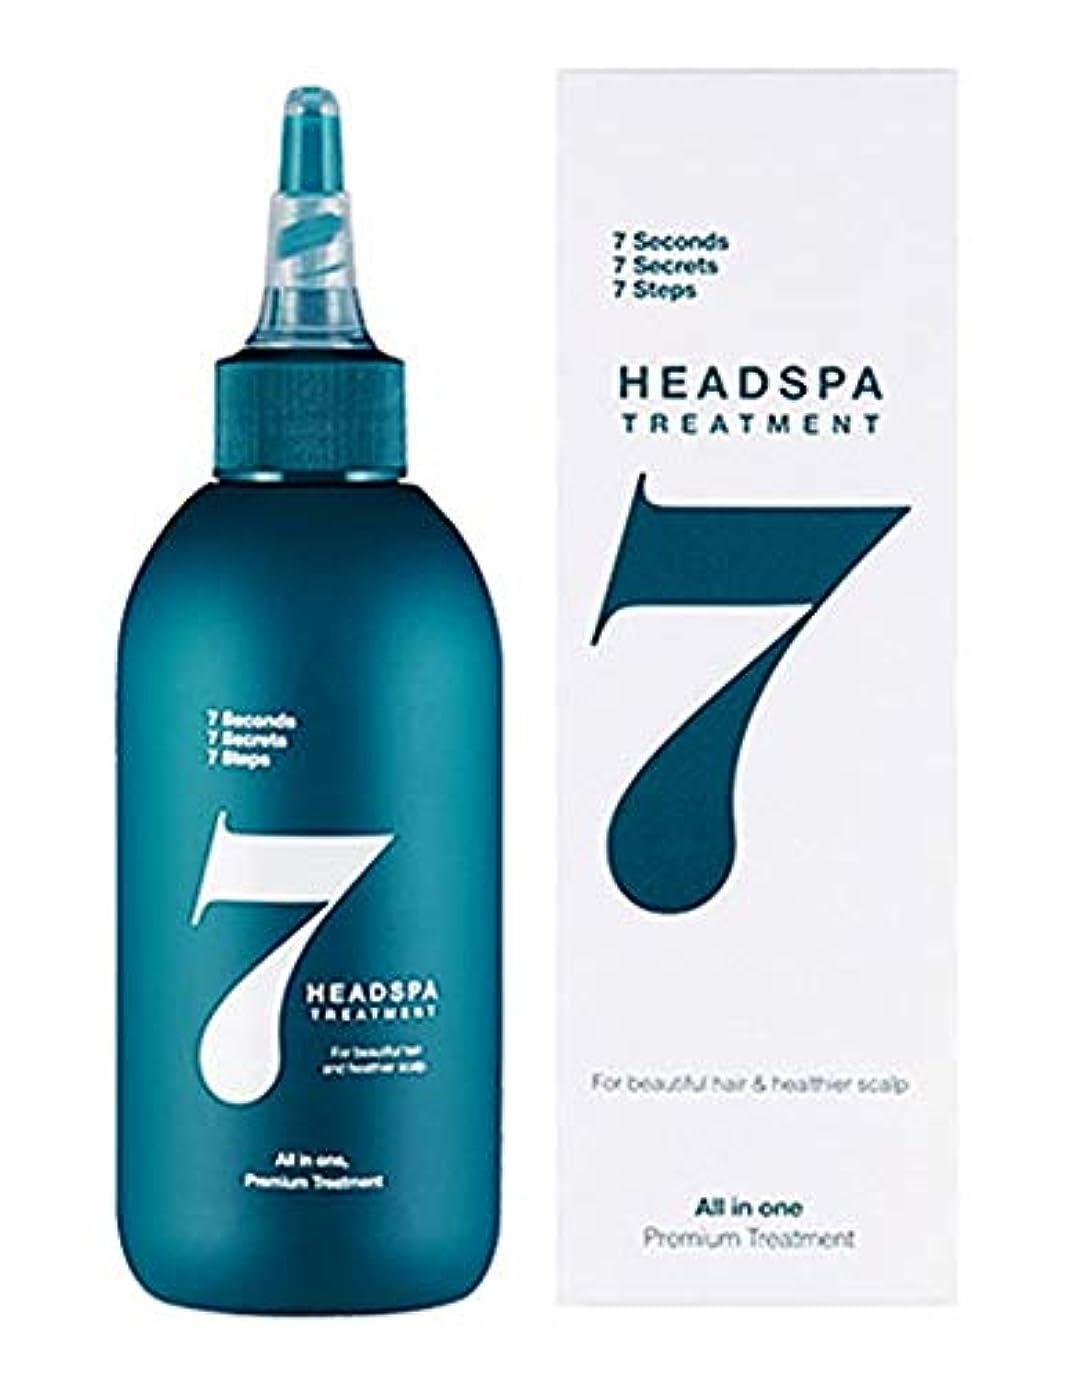 グローバット運搬Head Spa 7 treatment 200ml (脱毛トリートメント)